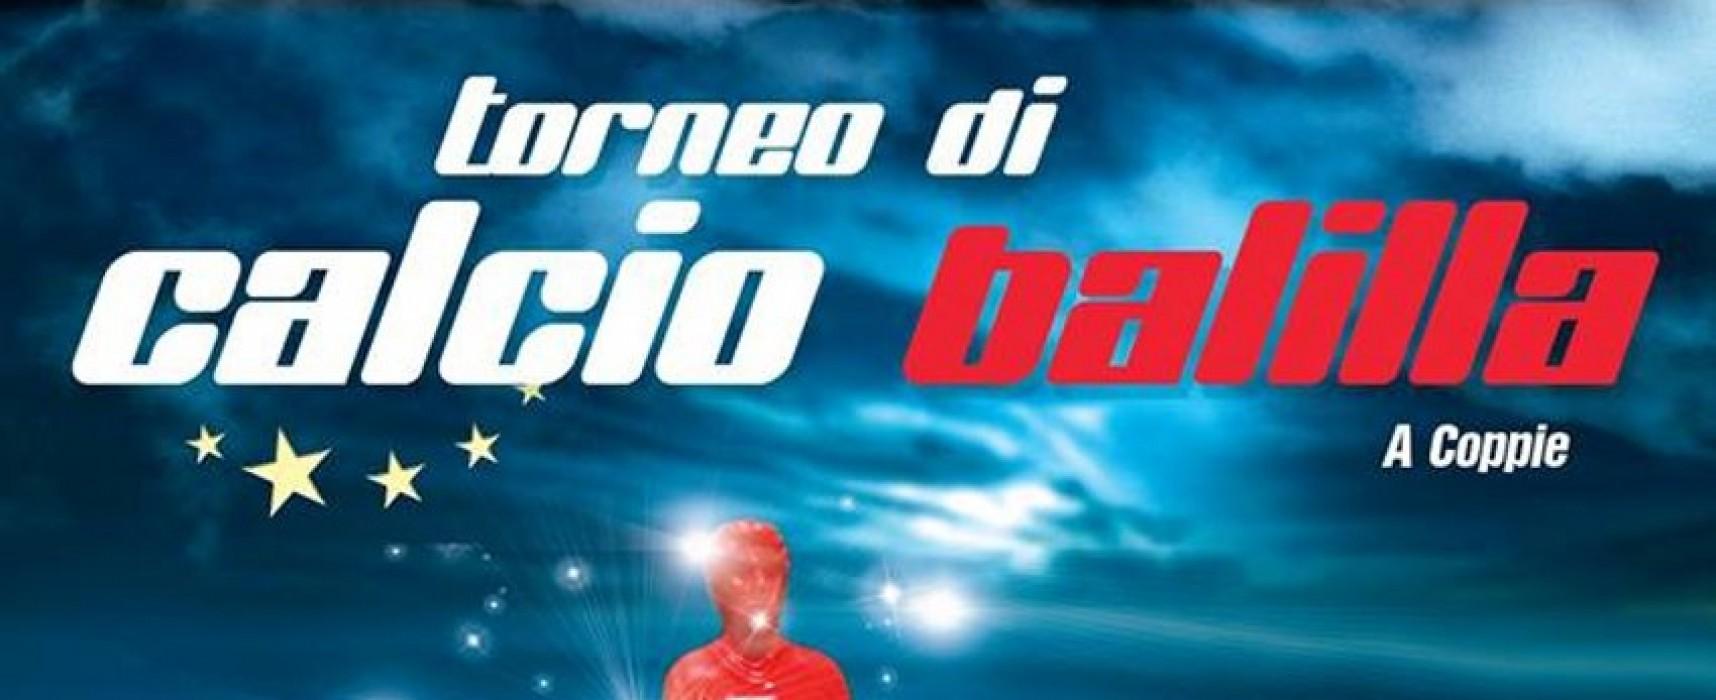 Interact club, torneo di calcio balilla per raccogliere fondi per la Parrocchia della Madonna di Passavia